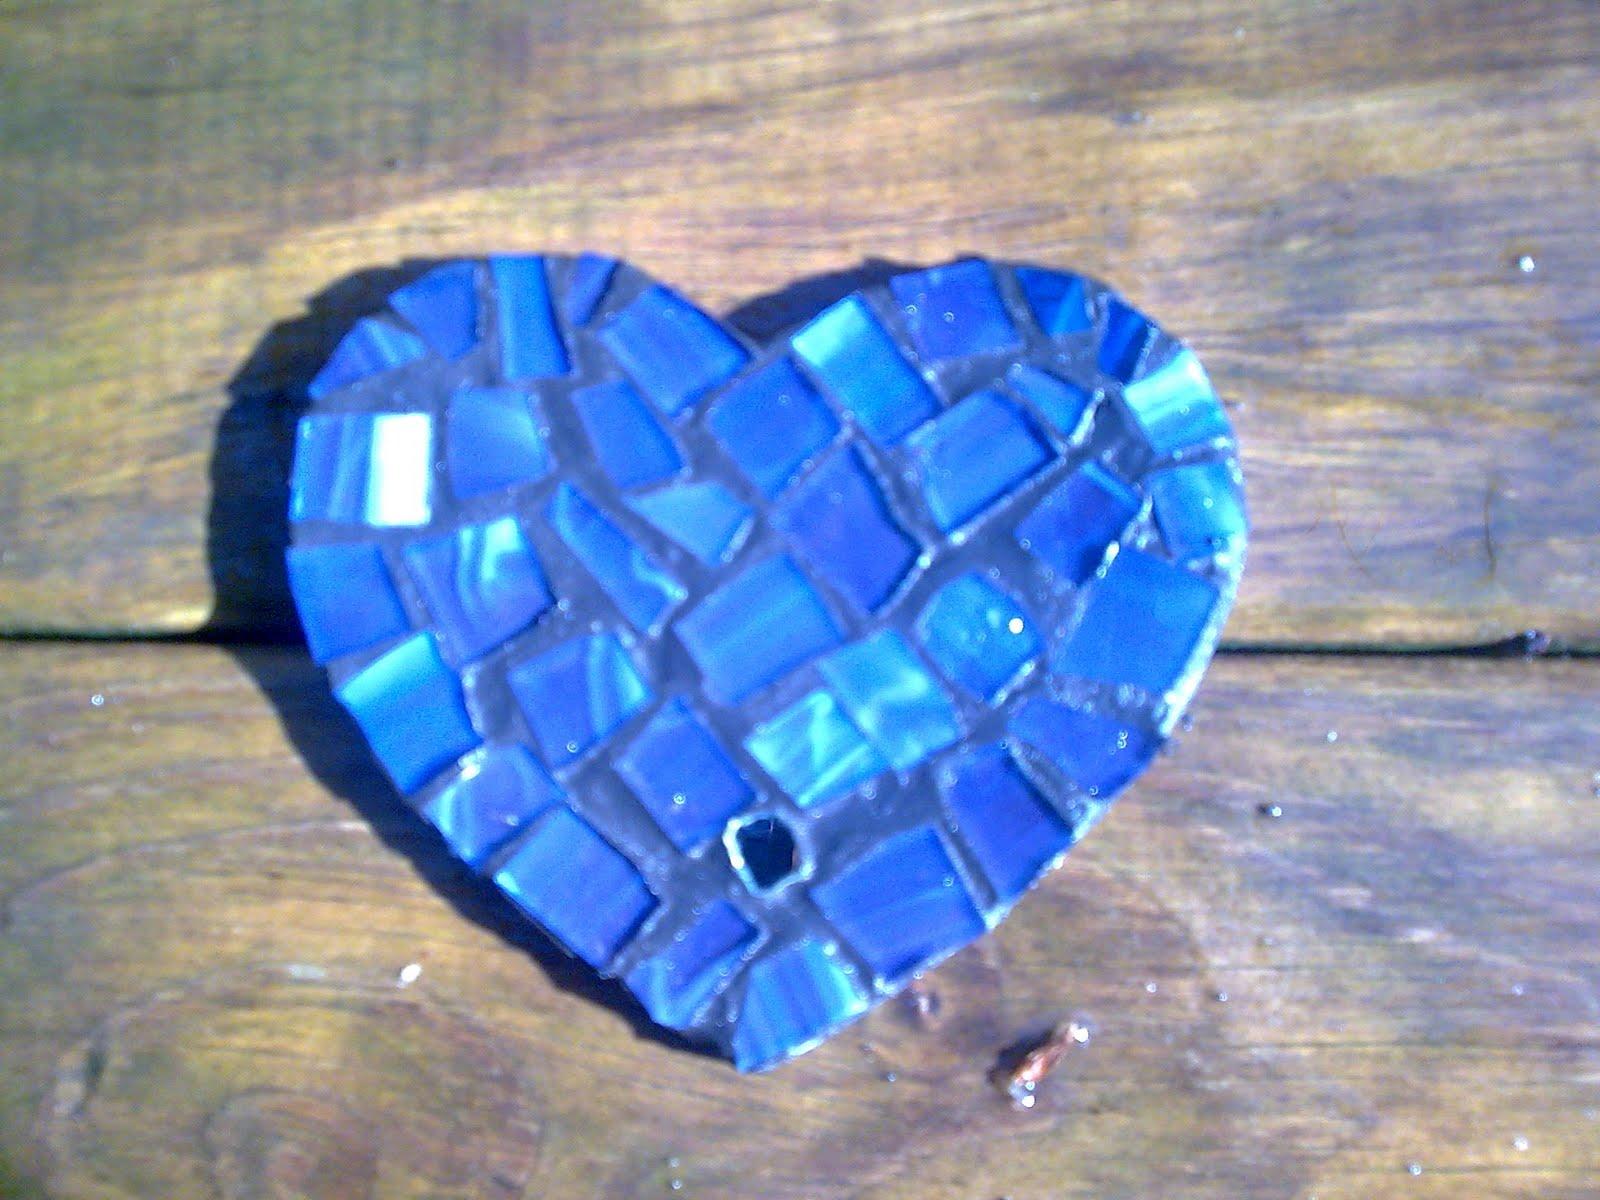 http://3.bp.blogspot.com/_feGmnpscck4/TIAfRjdWC2I/AAAAAAAAAIE/TnedMTSfYx8/s1600/Image012.jpg